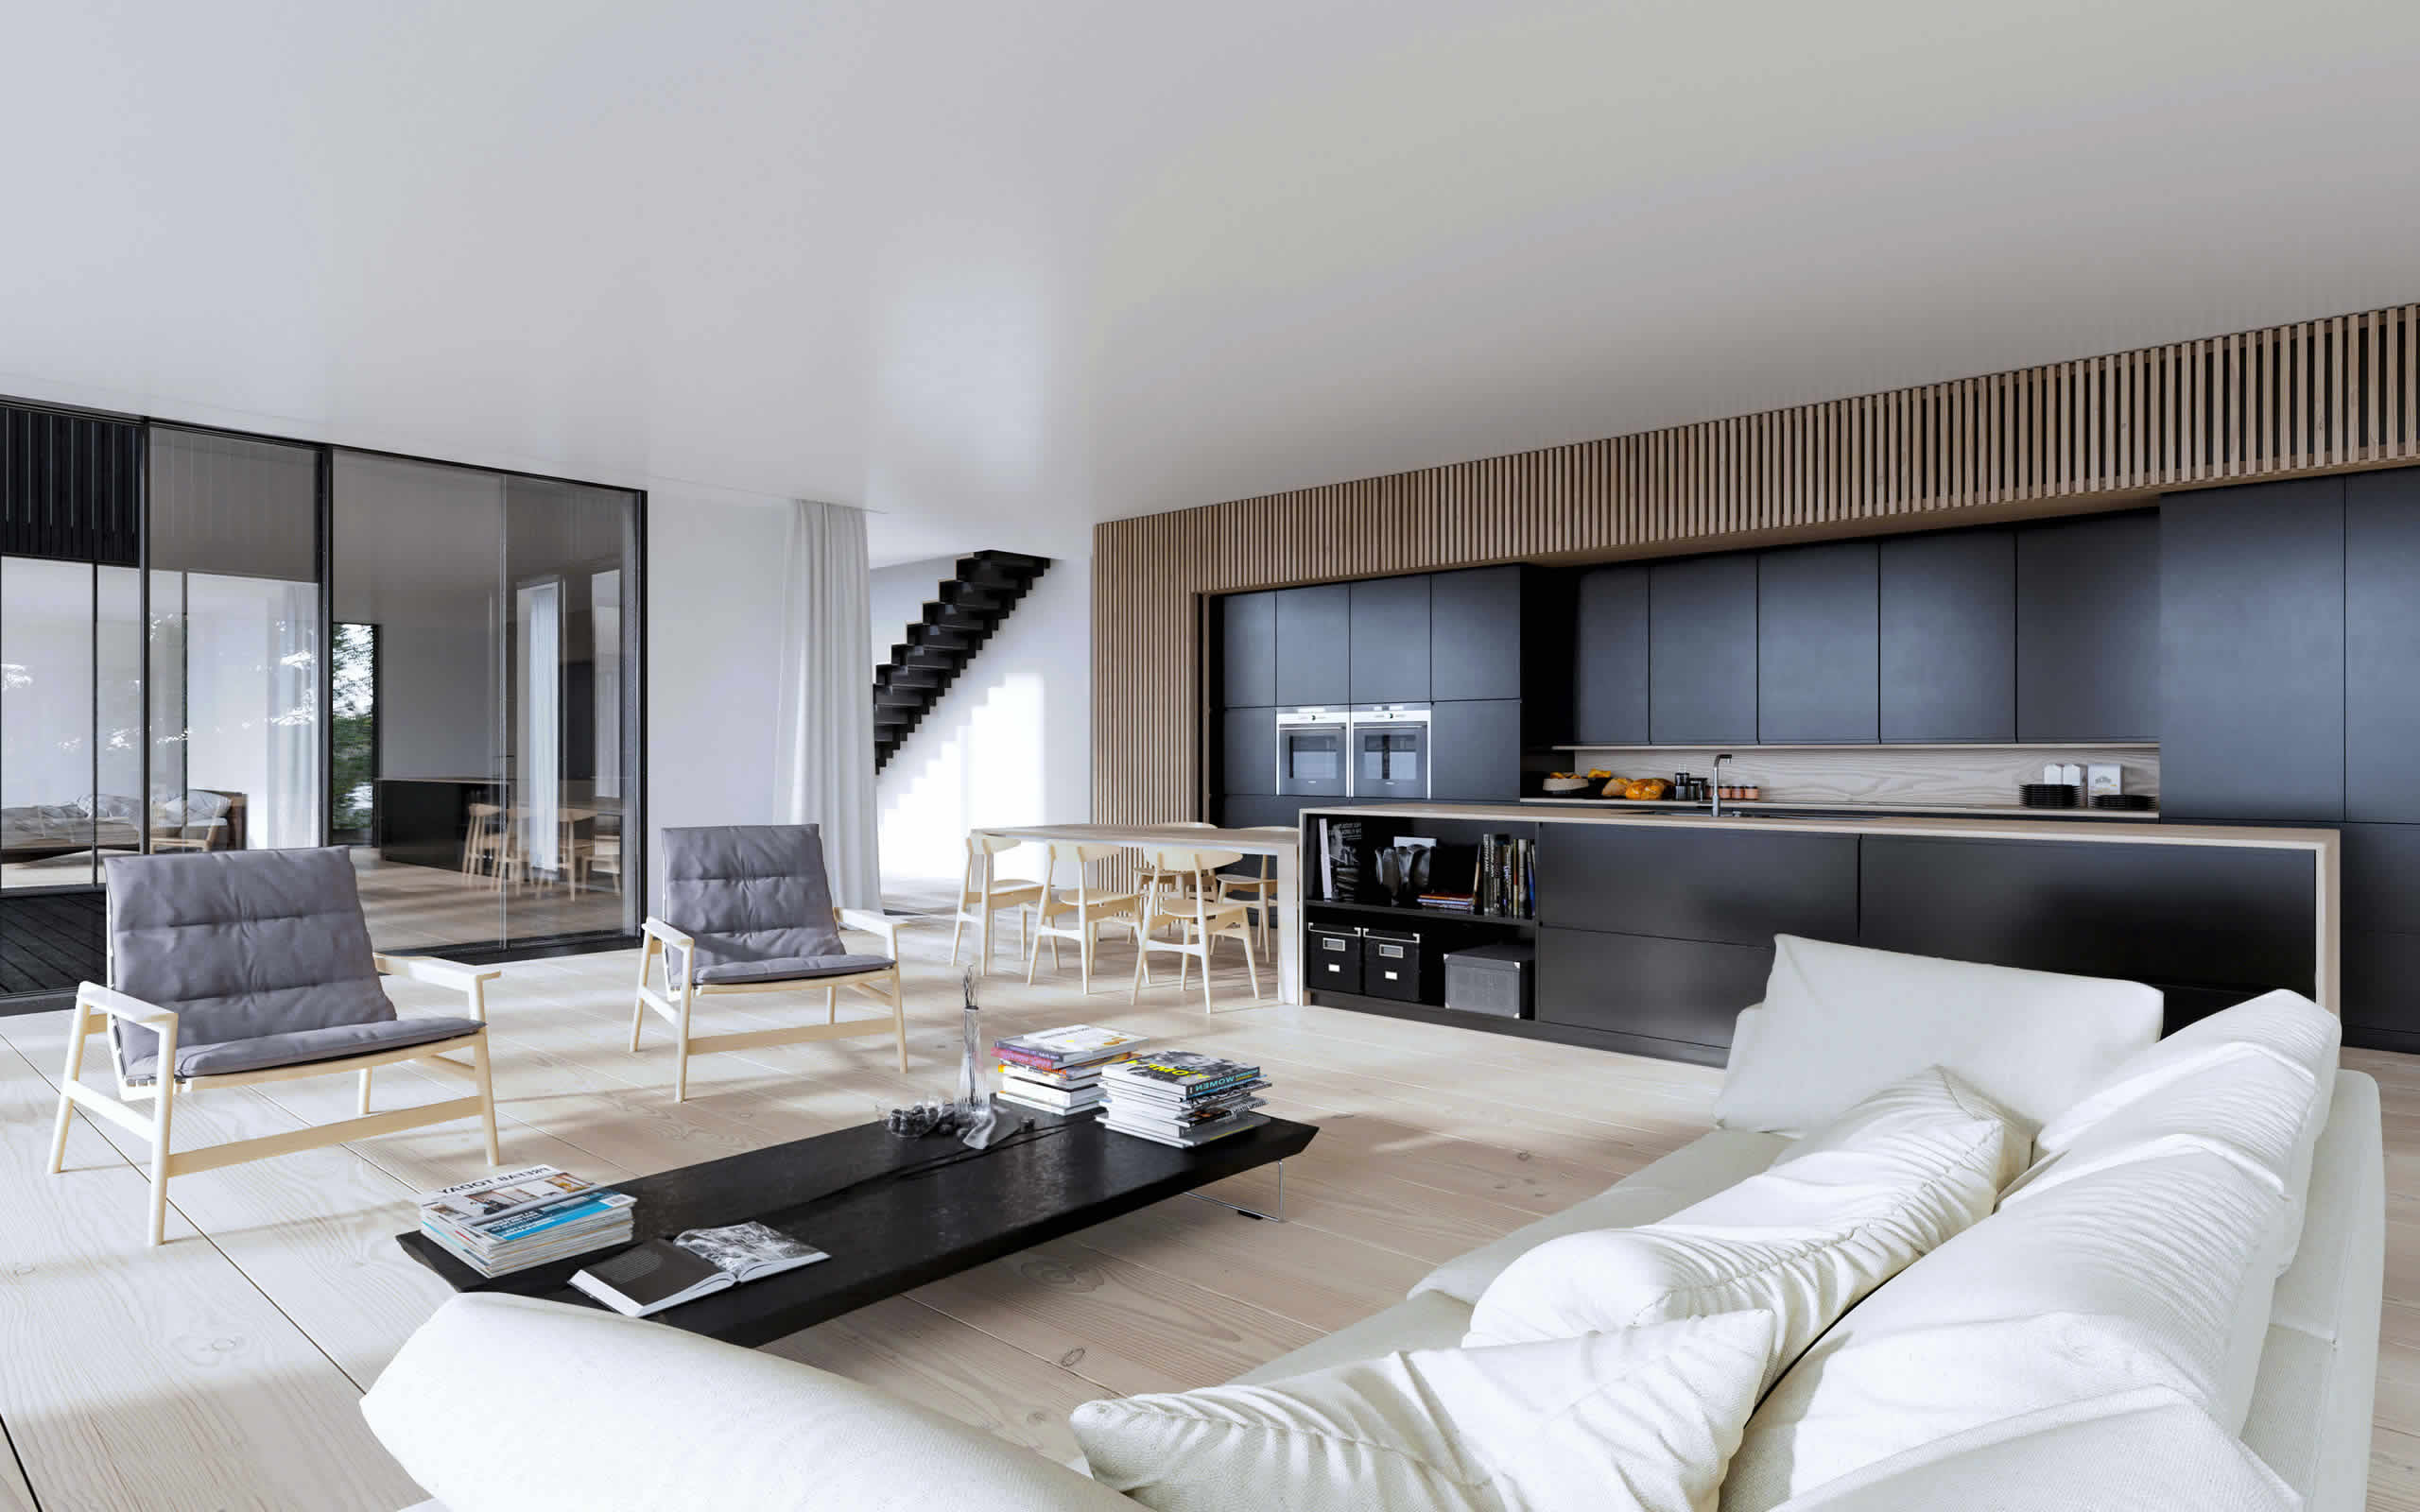 Otwarta kuchnia w bieli hola design homesquare - Otwarta Kuchnia W Bieli Hola Design Homesquare 23